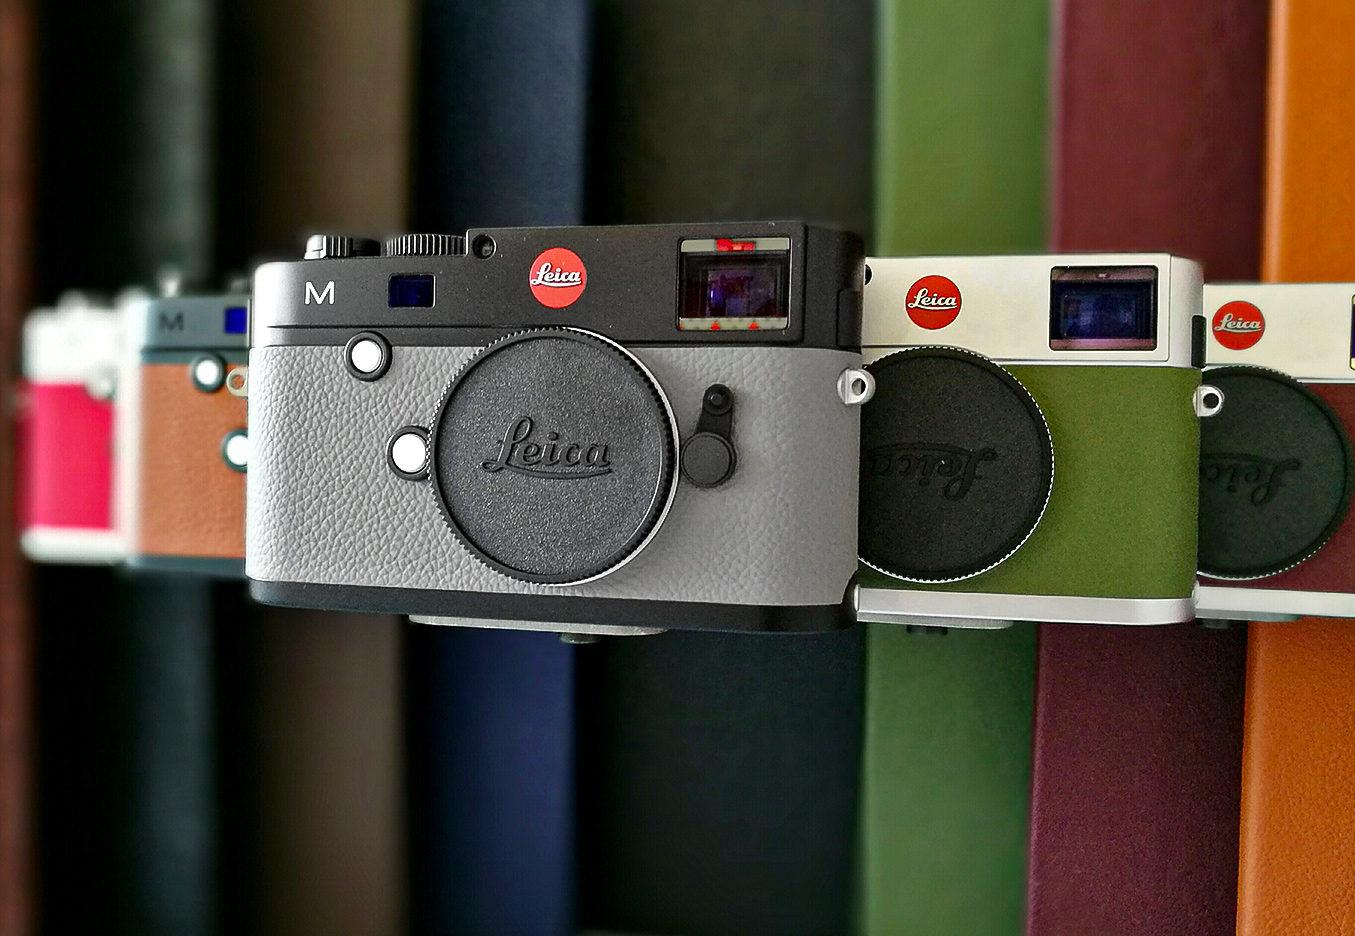 Leica_Slide2